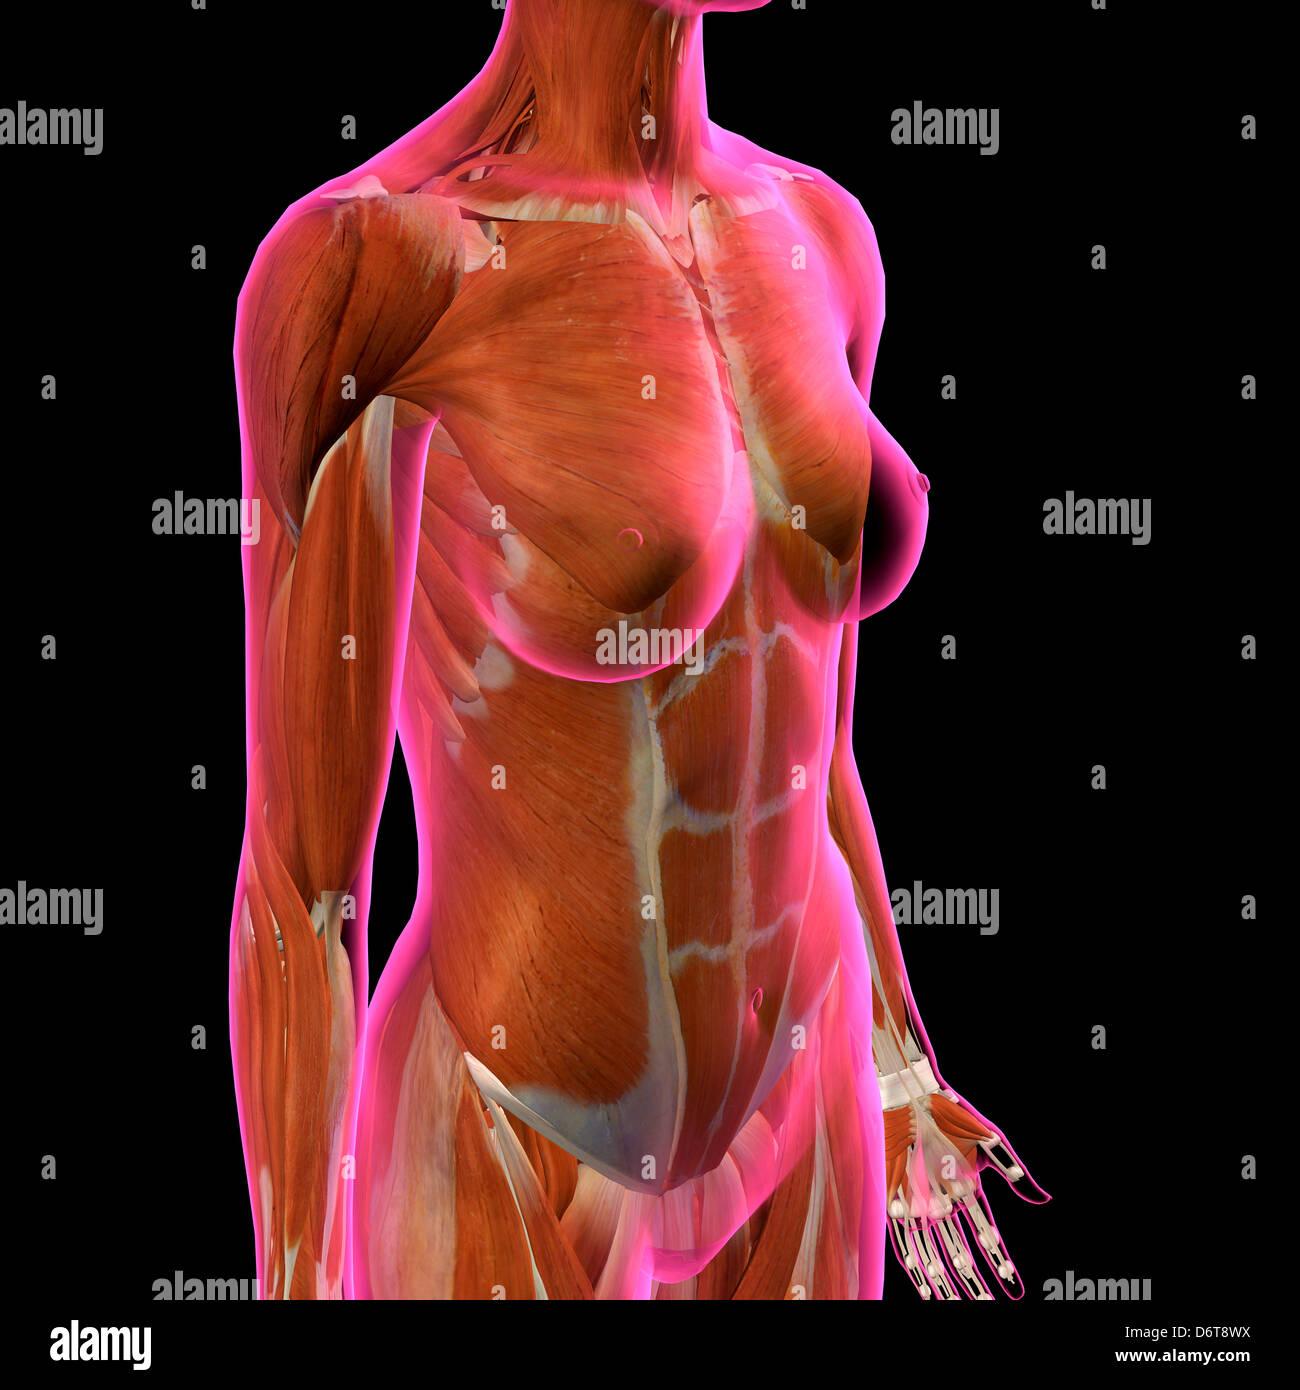 Weibliche Brust Abdominal-Muskeln Anatomie in rosa Röntgen Umriss ...